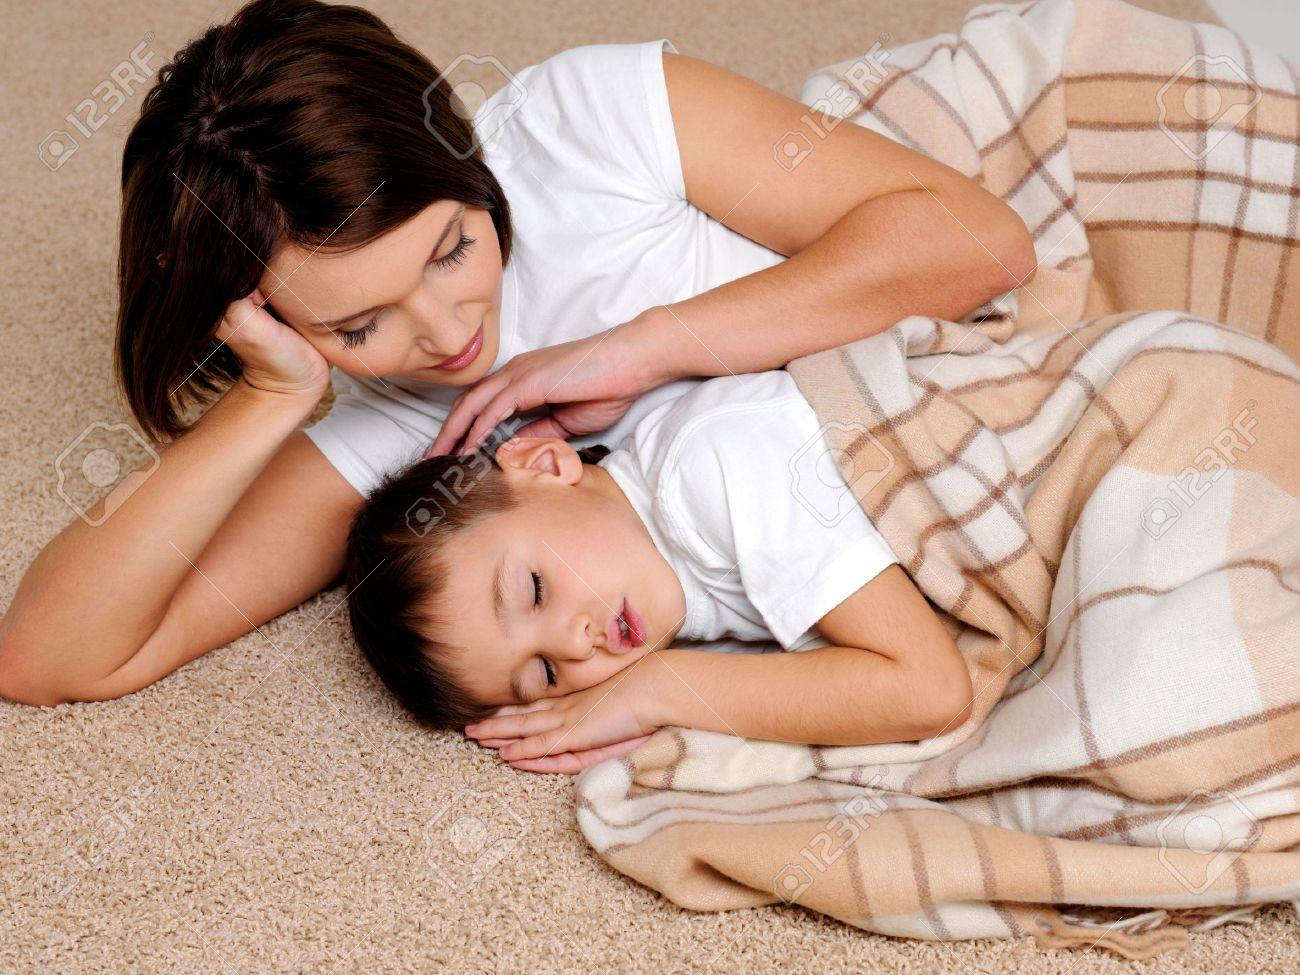 Спящий сын и мать фото 2 фотография